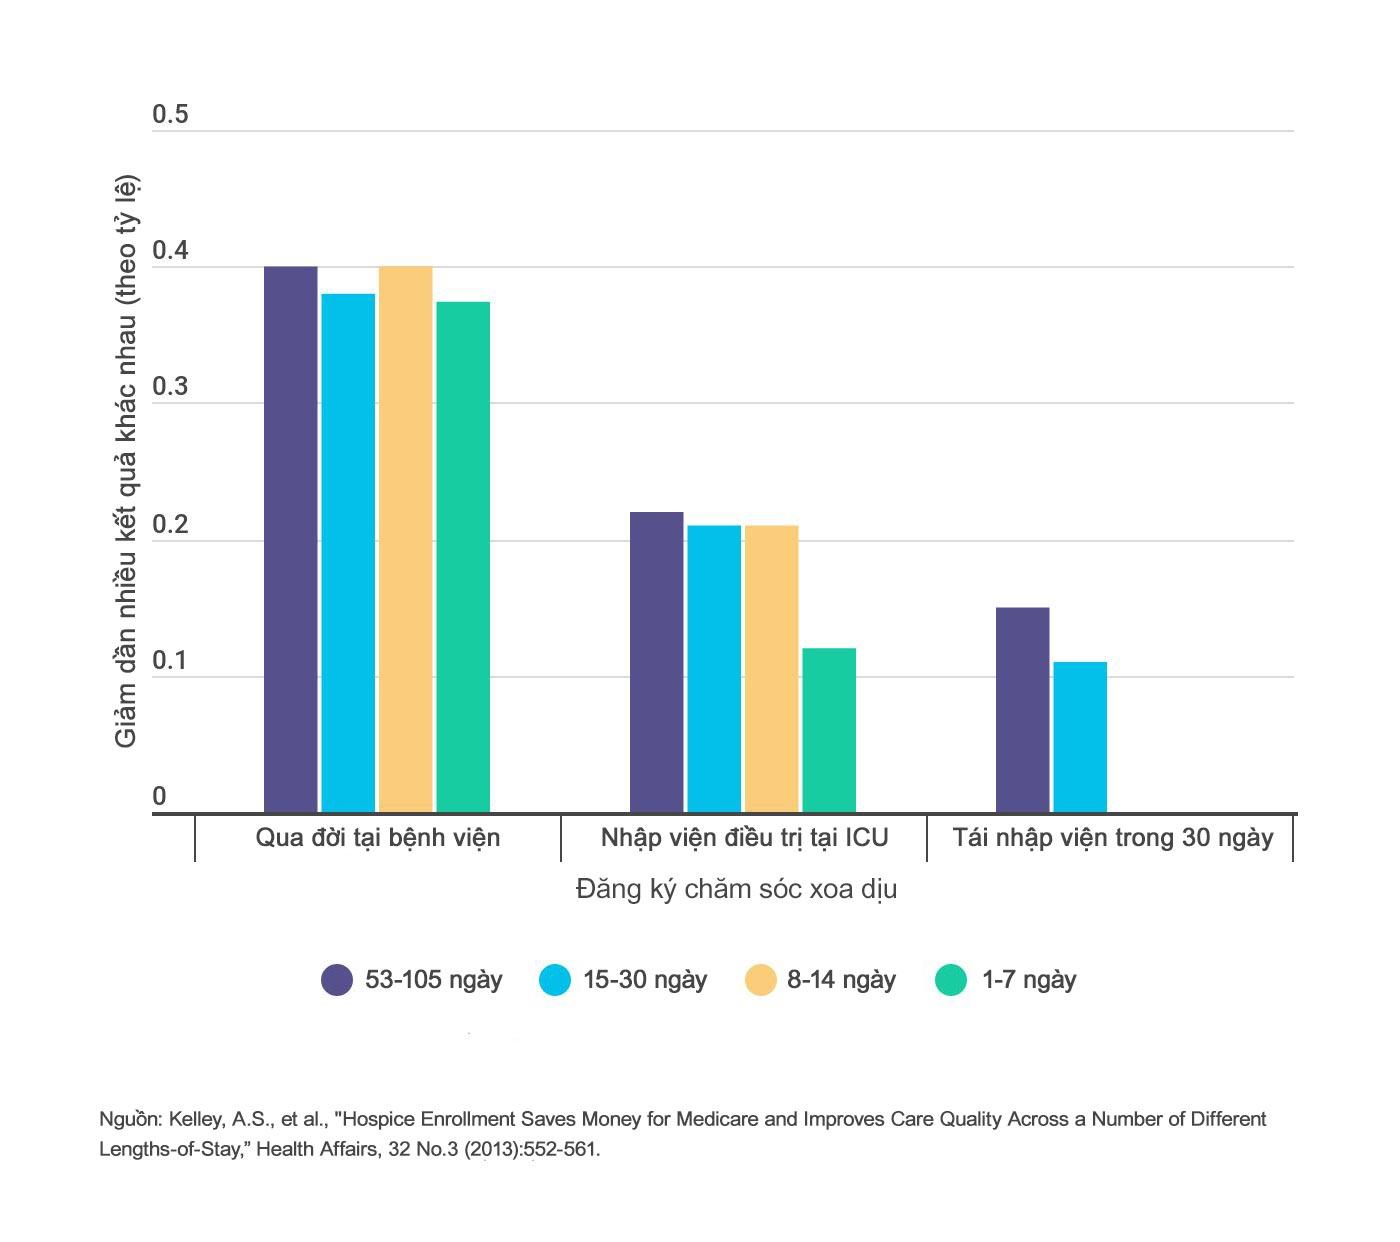 Việc đăng ký dịch vụ chăm sóc cuối đời giúp giảm đáng kể tỉ lệ tử vong tại bệnh viện, số lần nhập khu chăm sóc đặc biệt và tỉ lệ tái nhập viện sau30 ngày trong mỗi giai đoạn đăng ký được nghiên cứu.